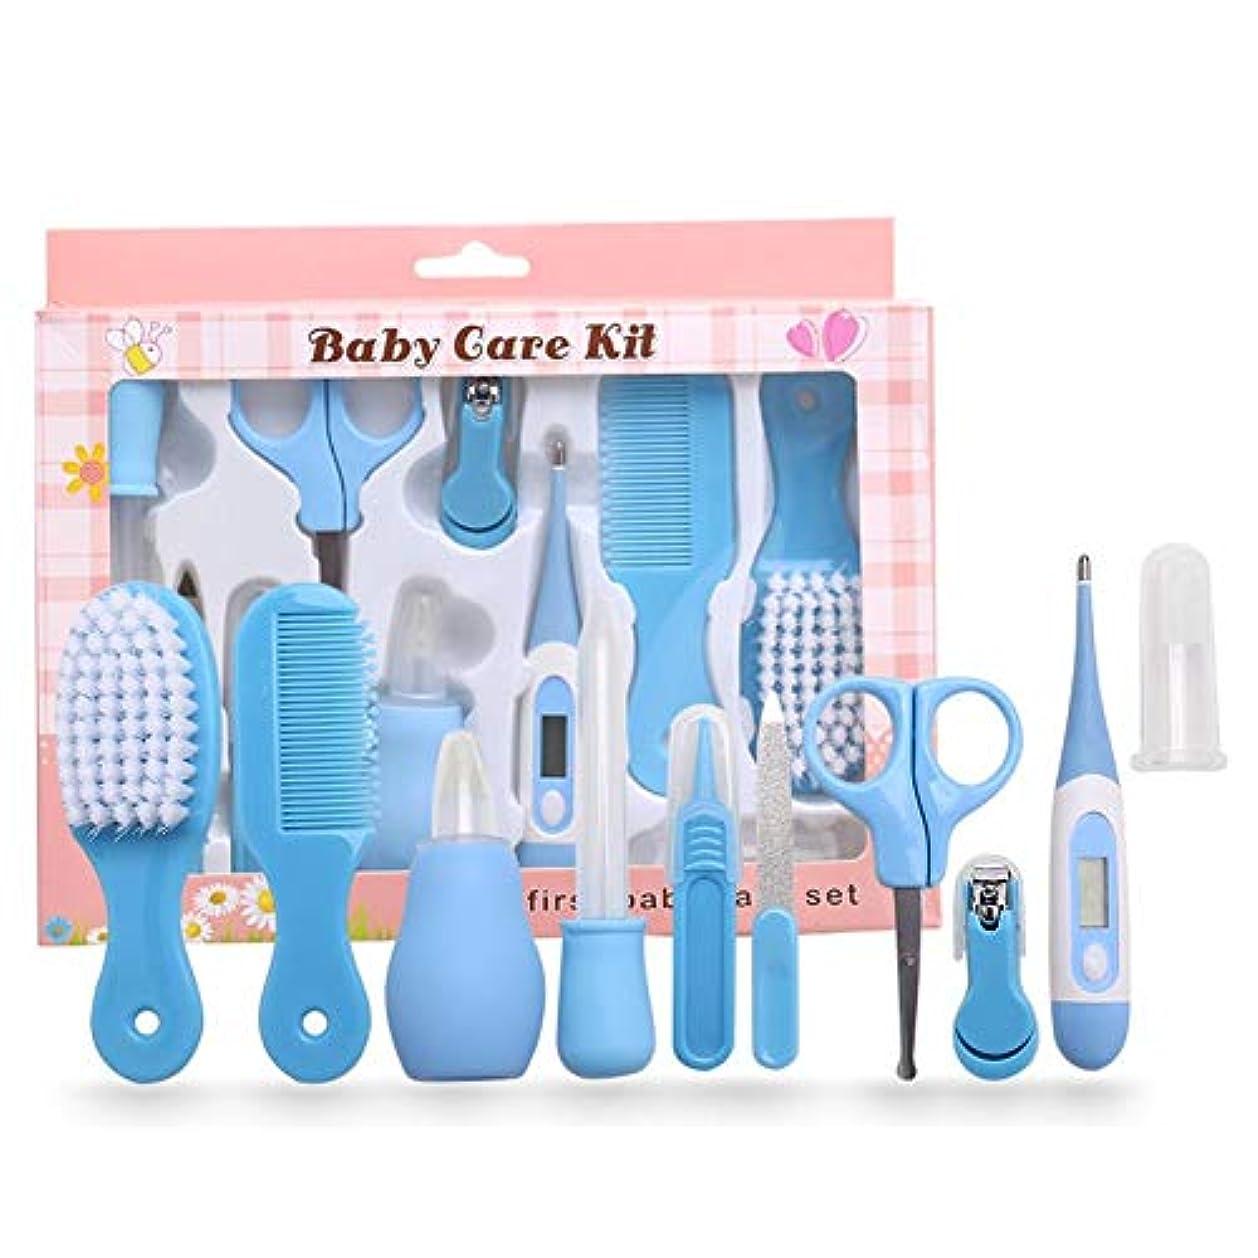 ルームブレンド恐怖症ベビーヘルスケアグルーミングキット ベビーケアセット 新生児ケアキット 10点セット プラスチック製 爪切り 爪磨き 鼻吸い器など hjuns-Wu